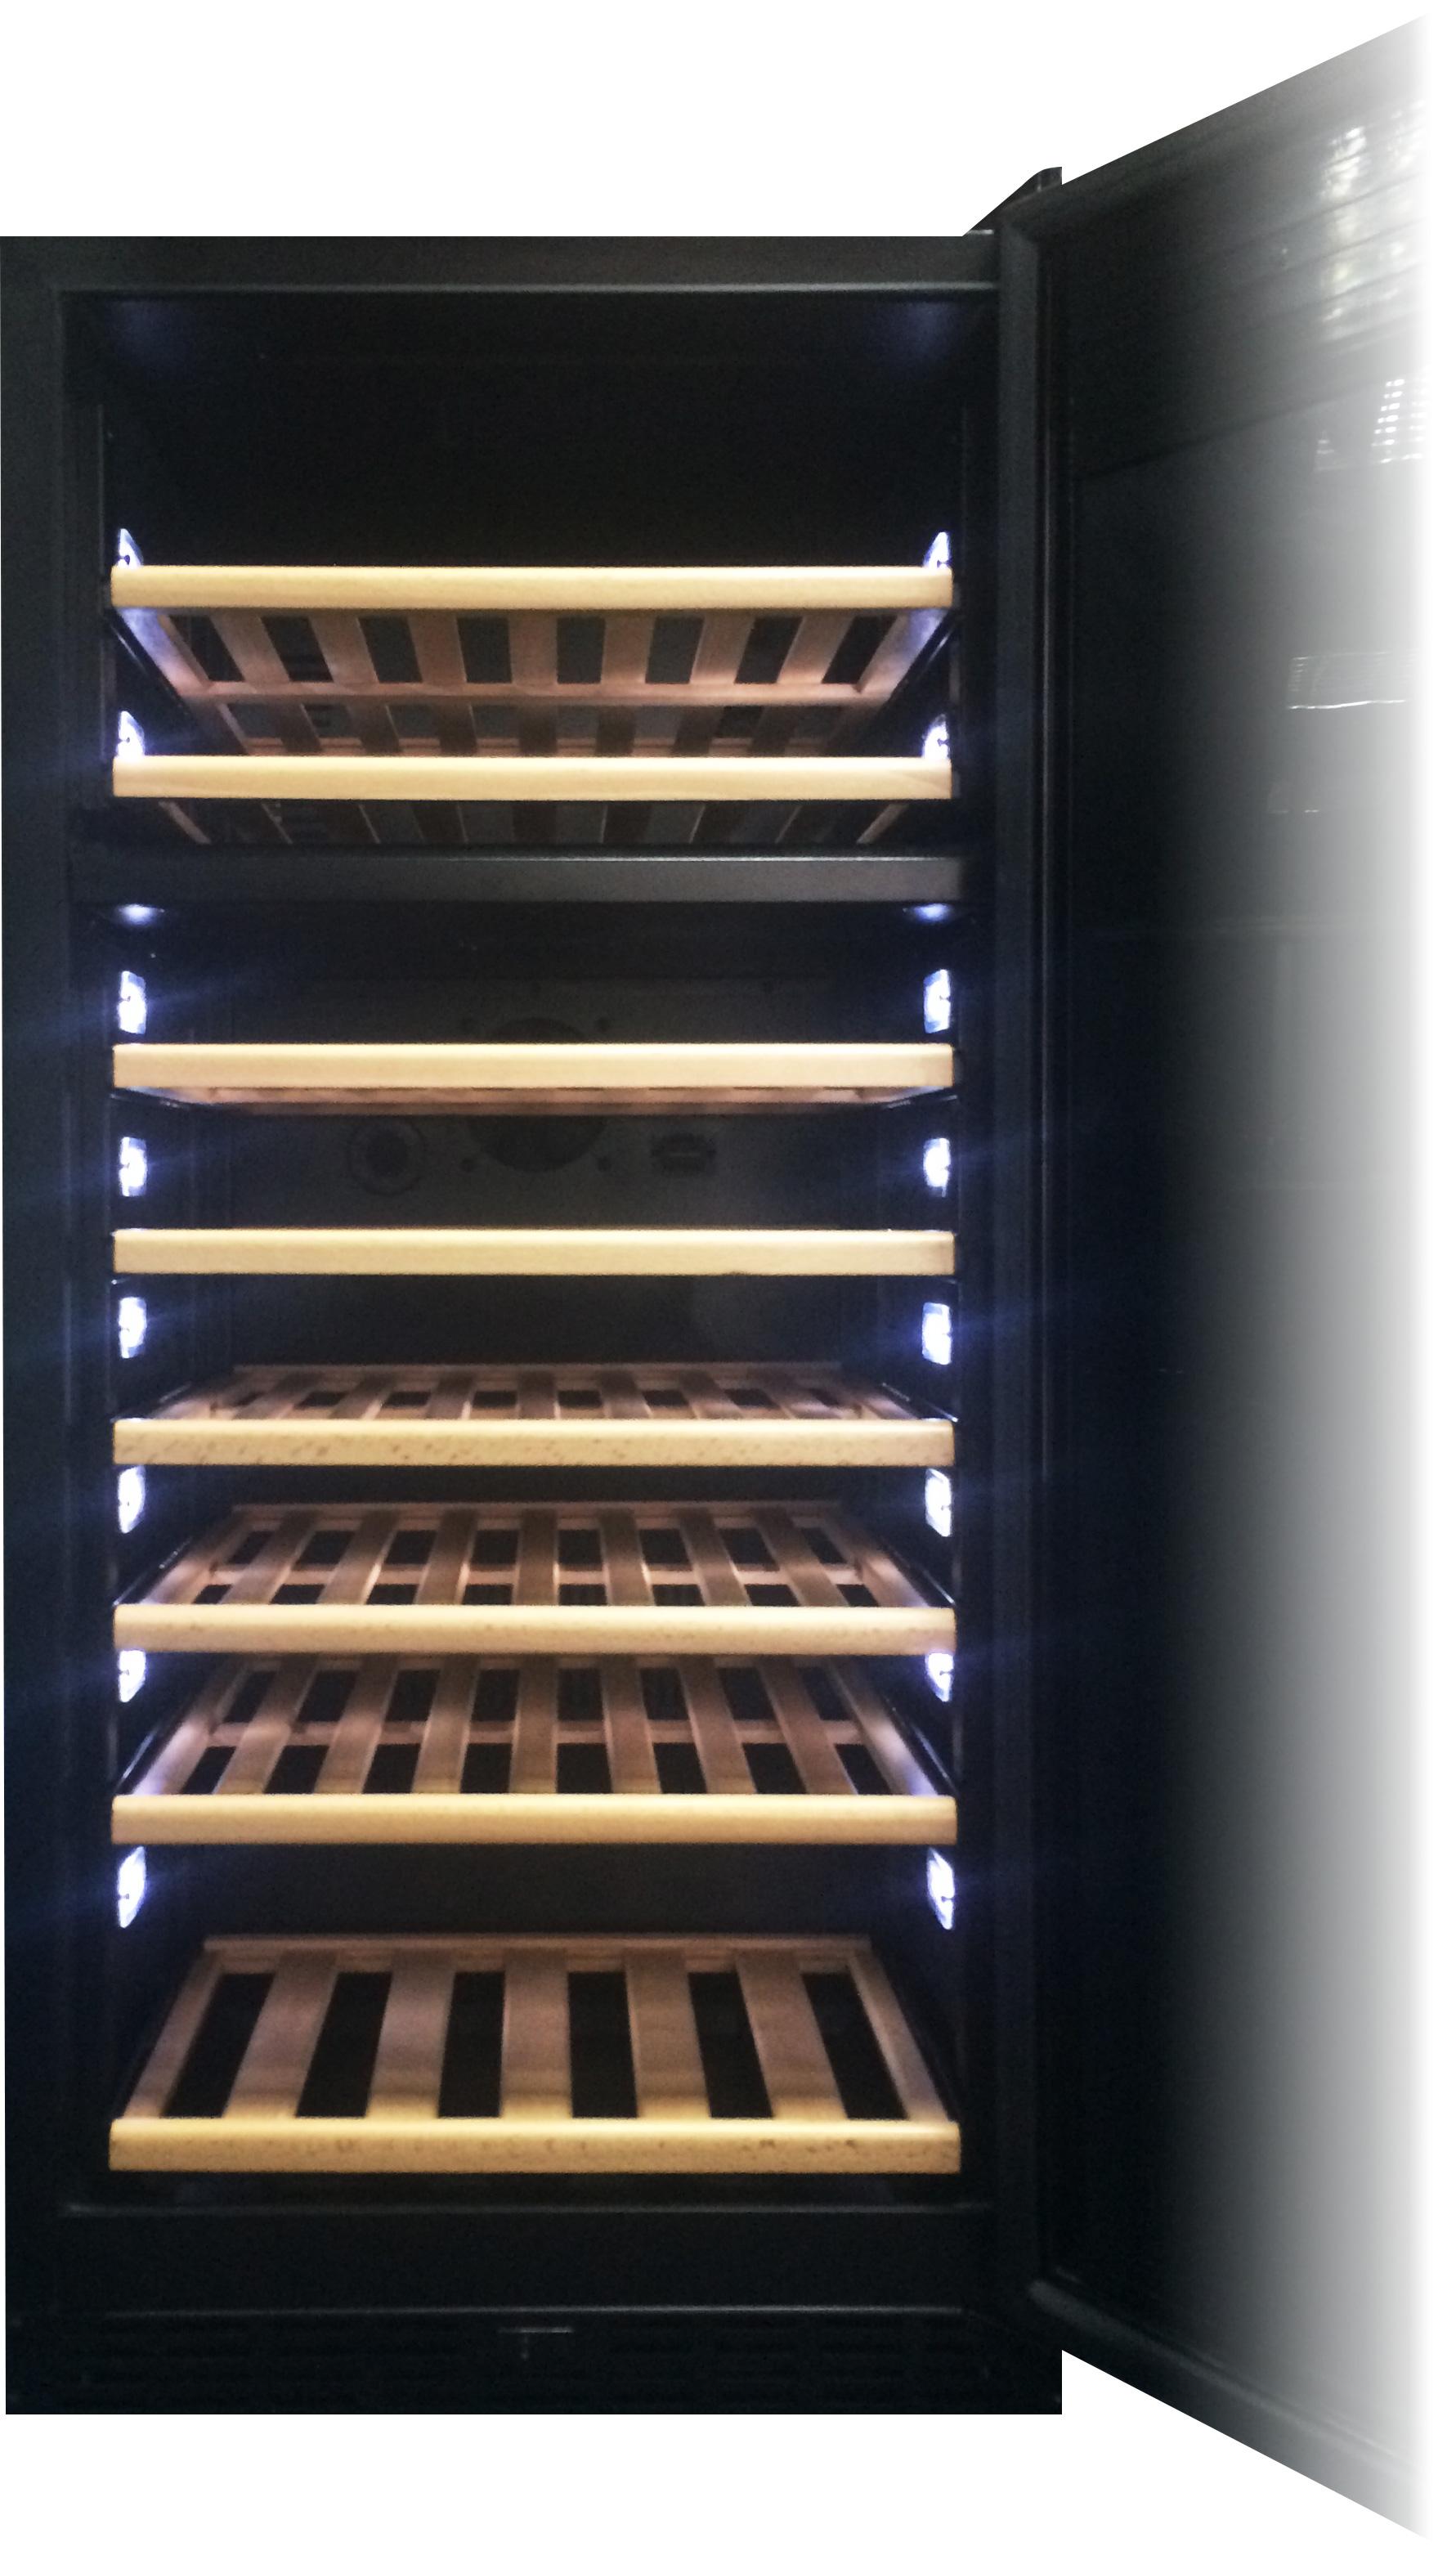 エディフラン カーヴ&セラー EF3-W-BG はワインに温度変化を与えるカーヴの機能と従来のワインセラーの両方の機能を備えています